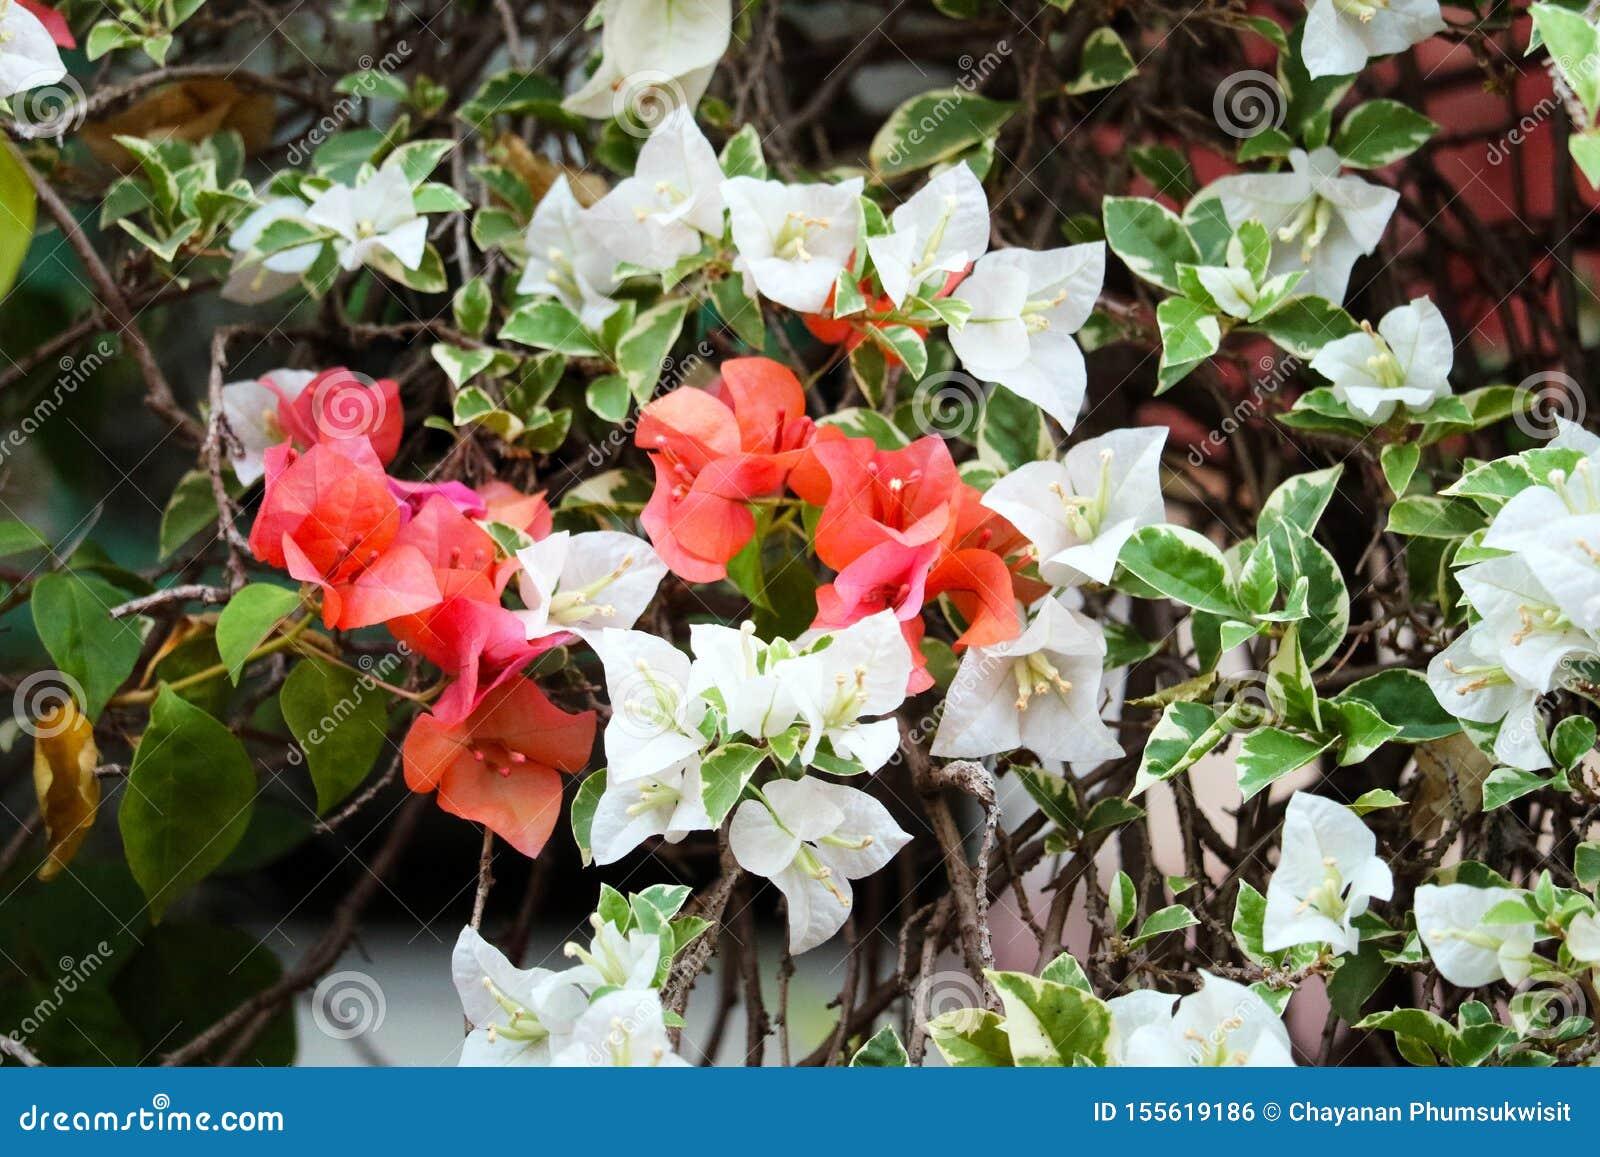 Flor de la buganvilla que florece en hojas verdes de la falta de definición del jardín